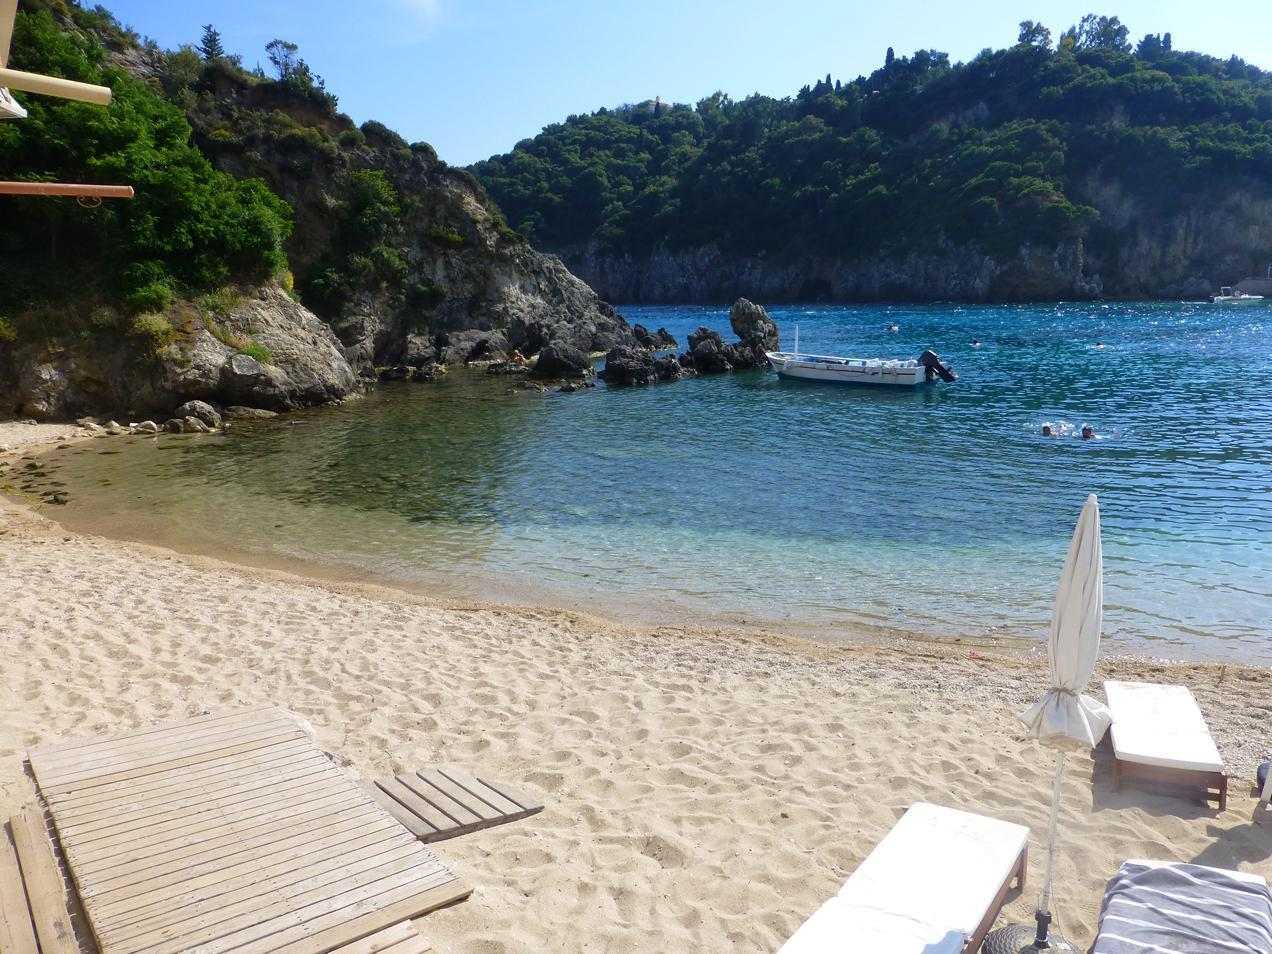 הפלגה ליוון עם דרך הים - יום סטלבט במפרצי האי הבלתי-מיושב אנטי פקסוס